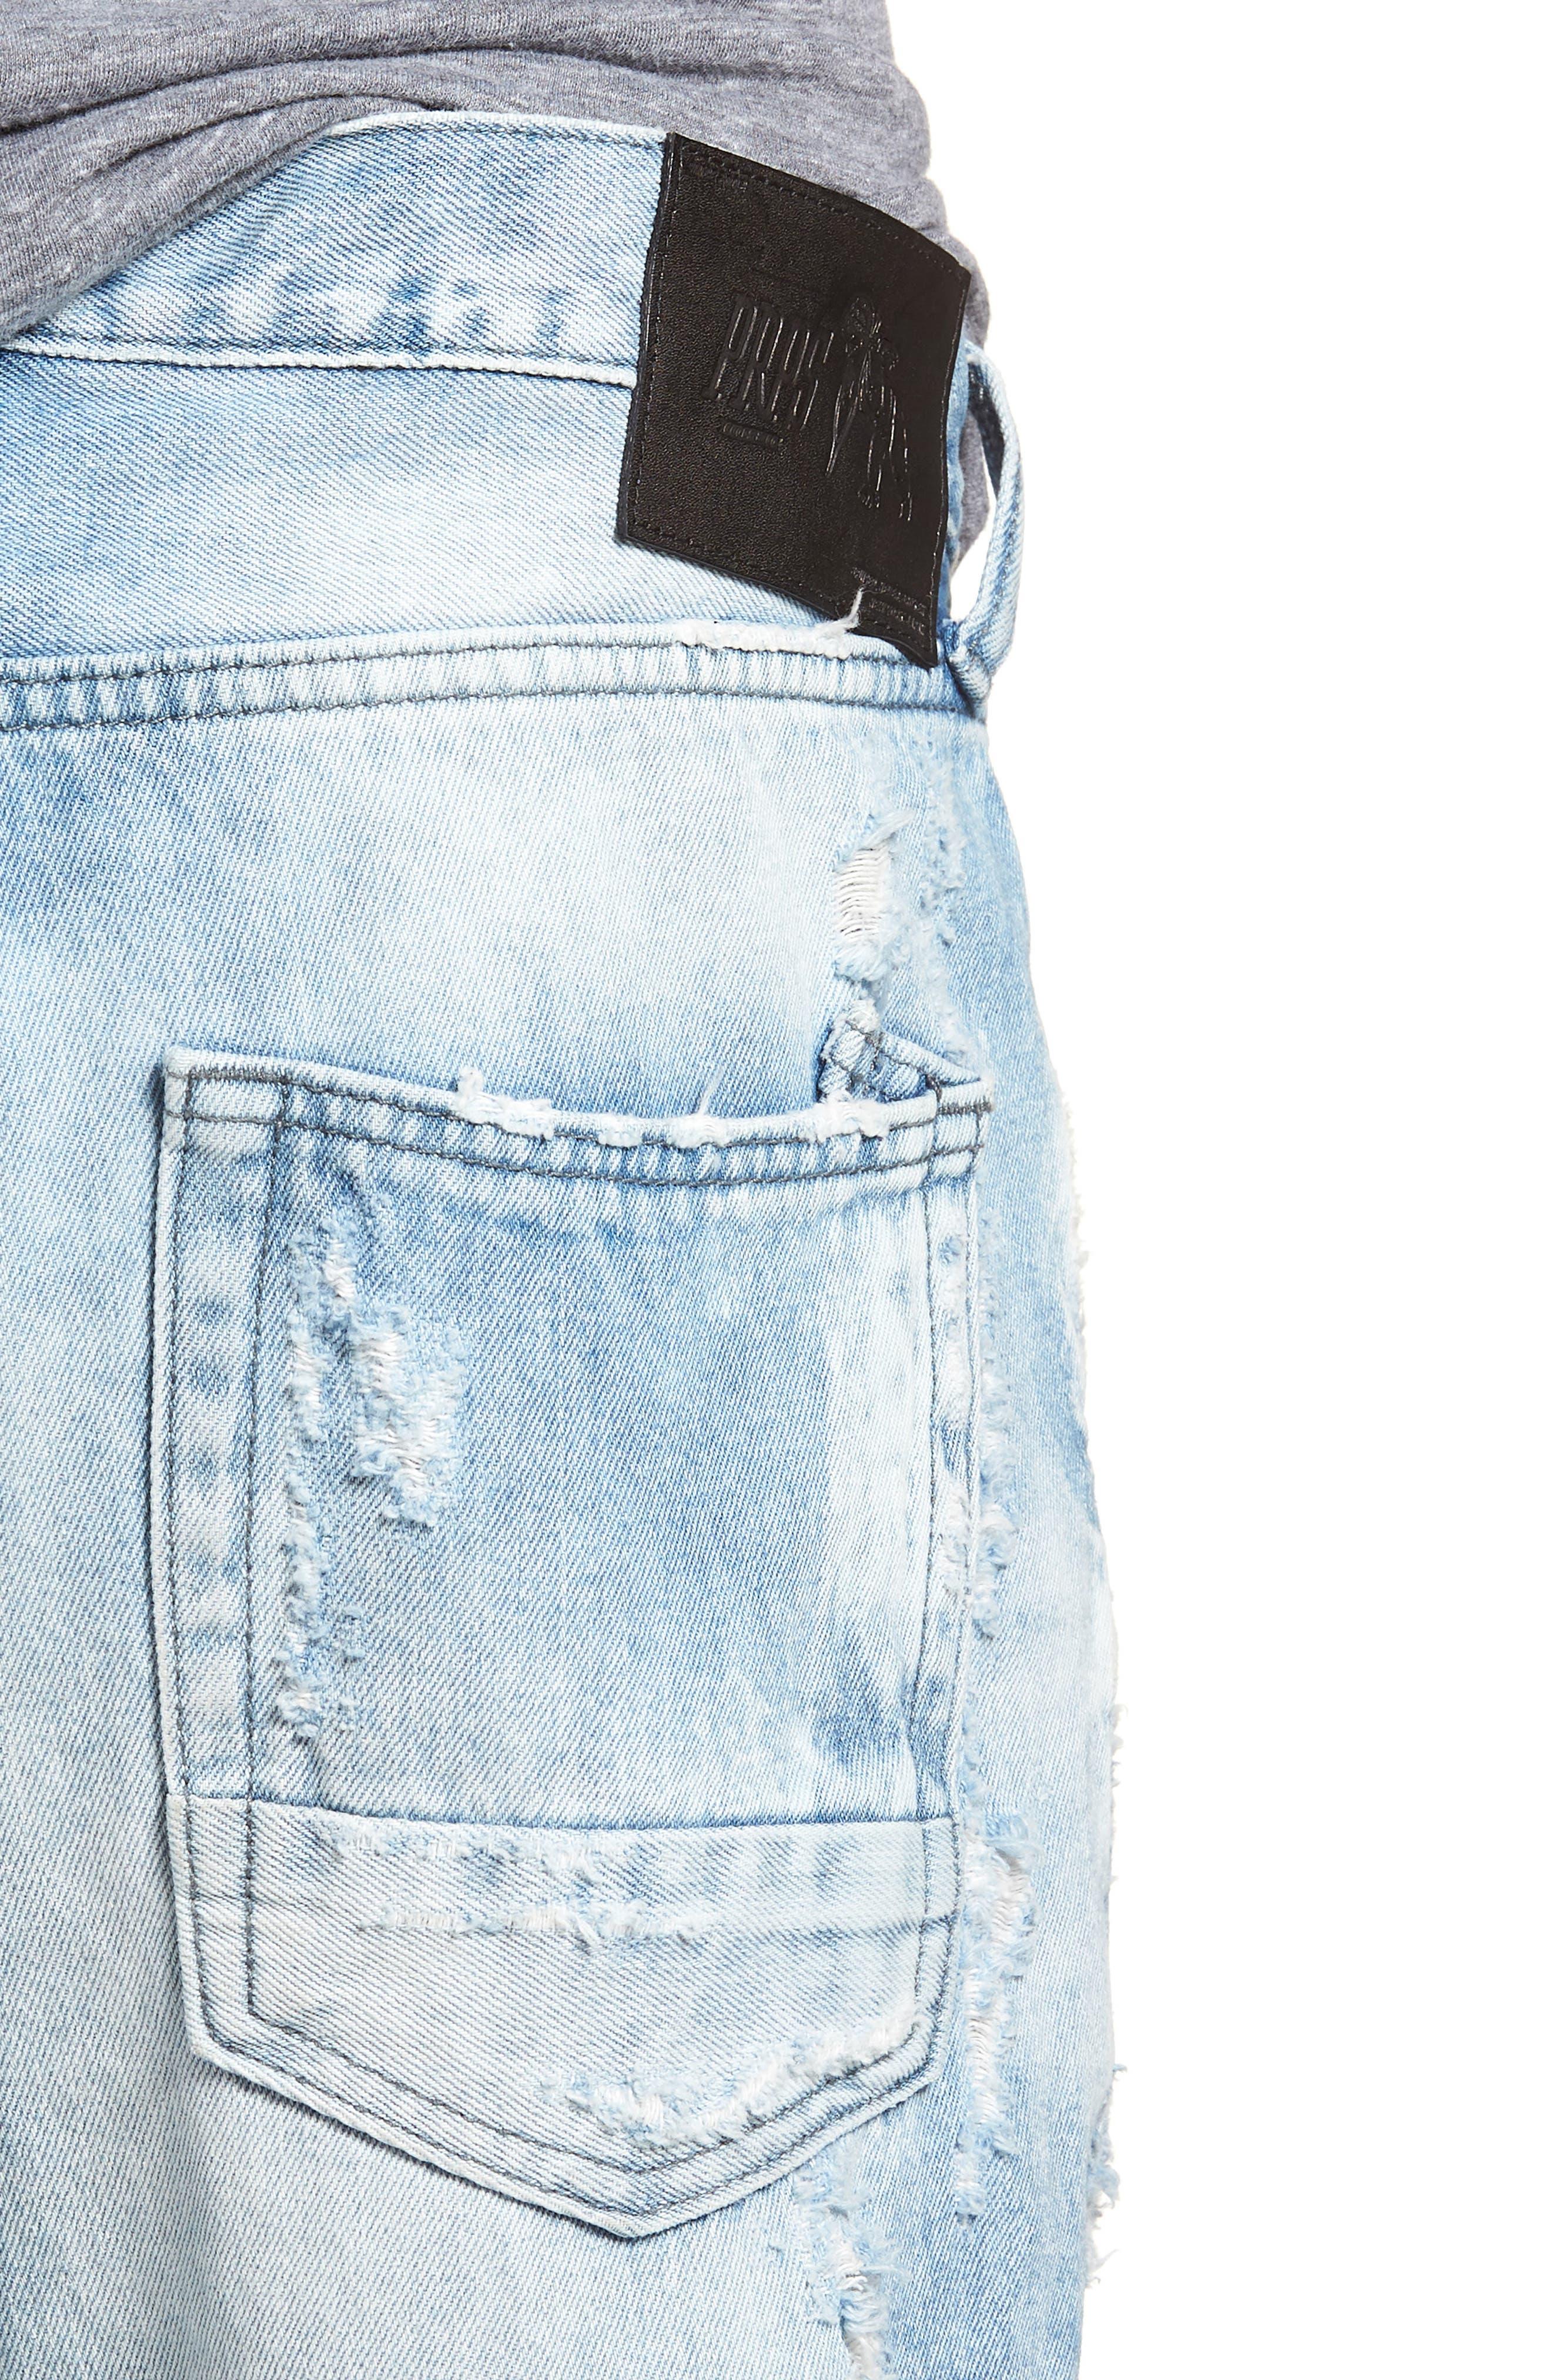 Le Sabre Slim Fit Jeans,                             Alternate thumbnail 4, color,                             454